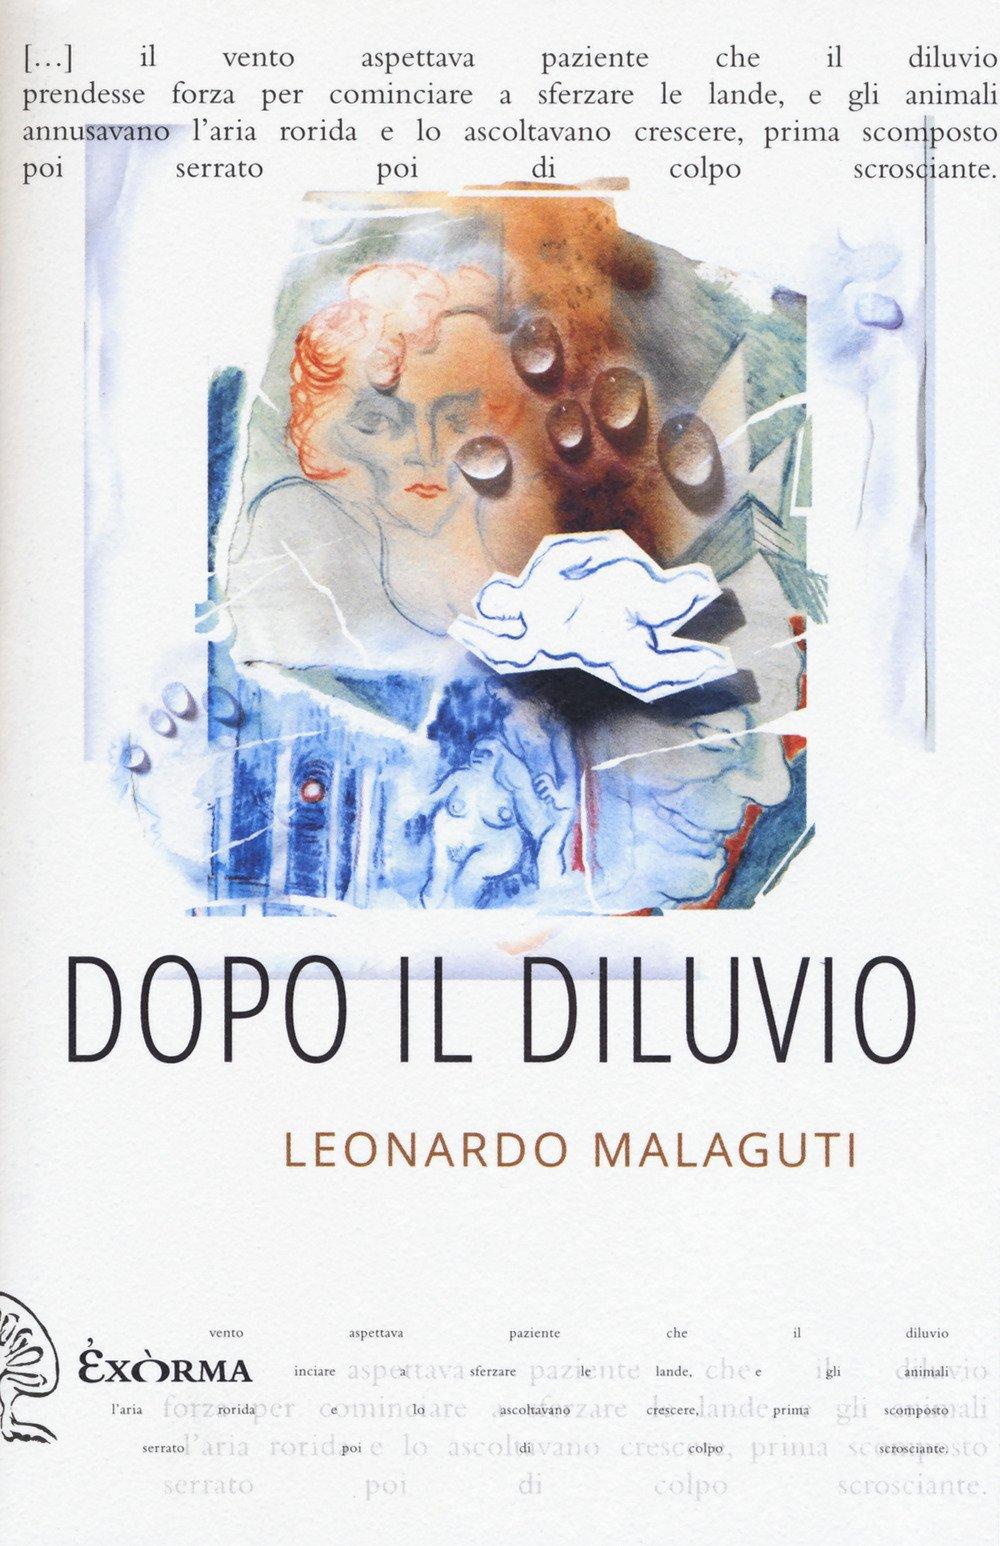 """""""Dopo il diluvio"""" di Leonardo Malaguti - Recensione"""